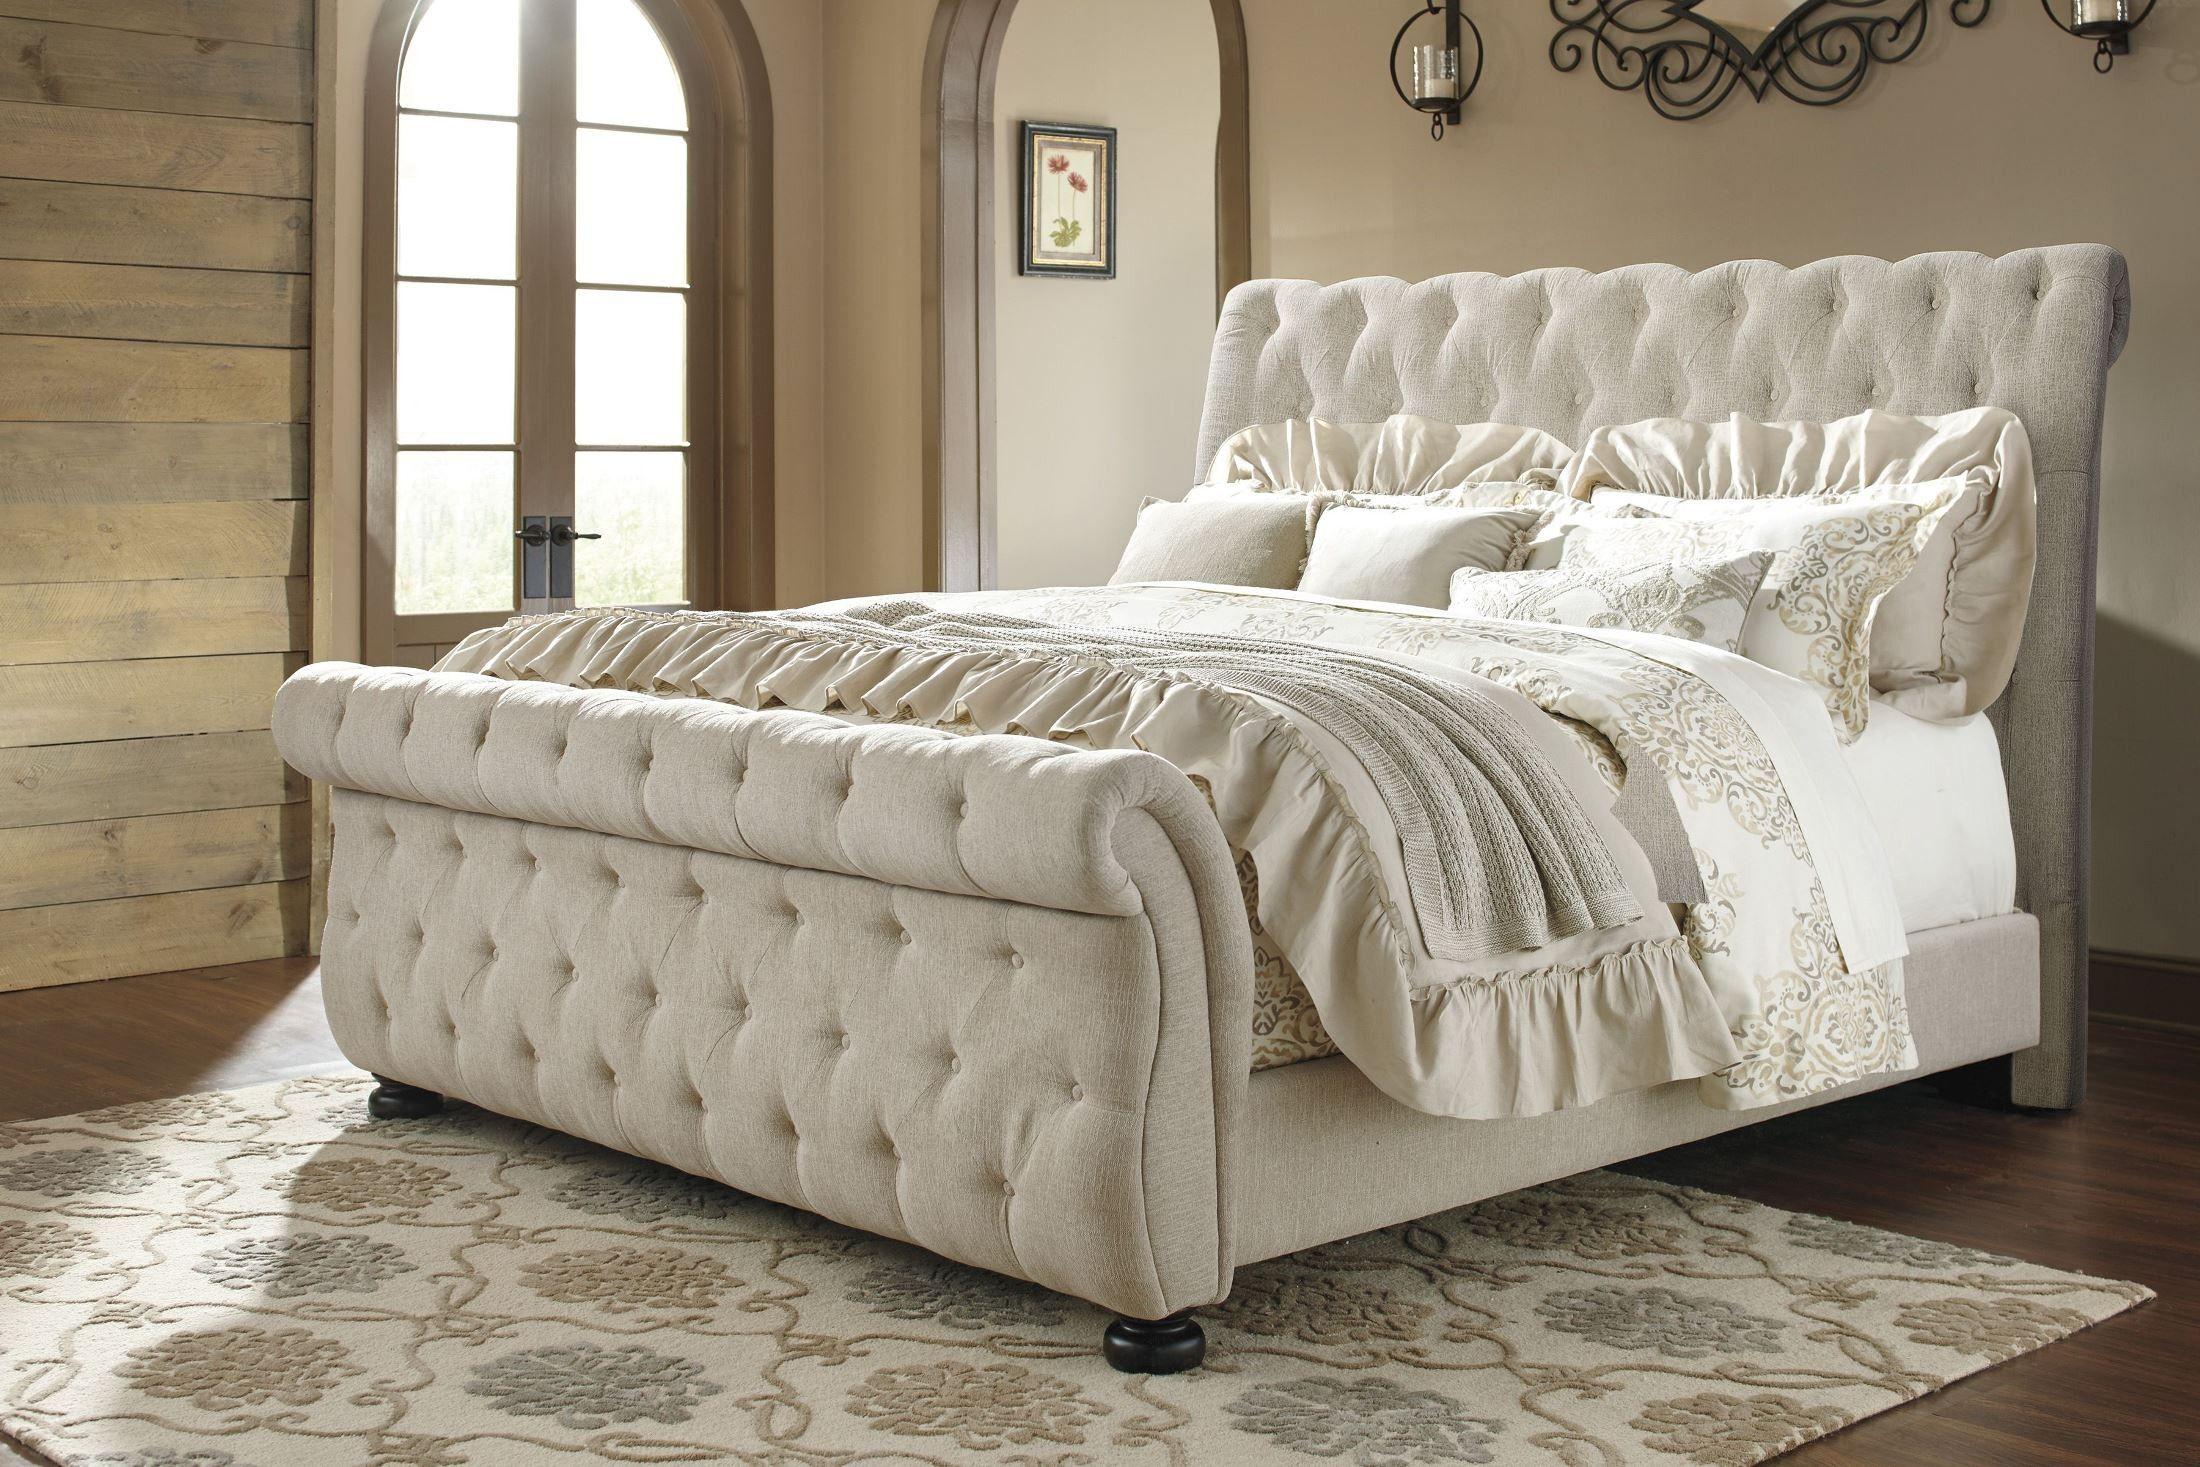 Willenburg Linen Cal King Upholstered Sleigh Bed King